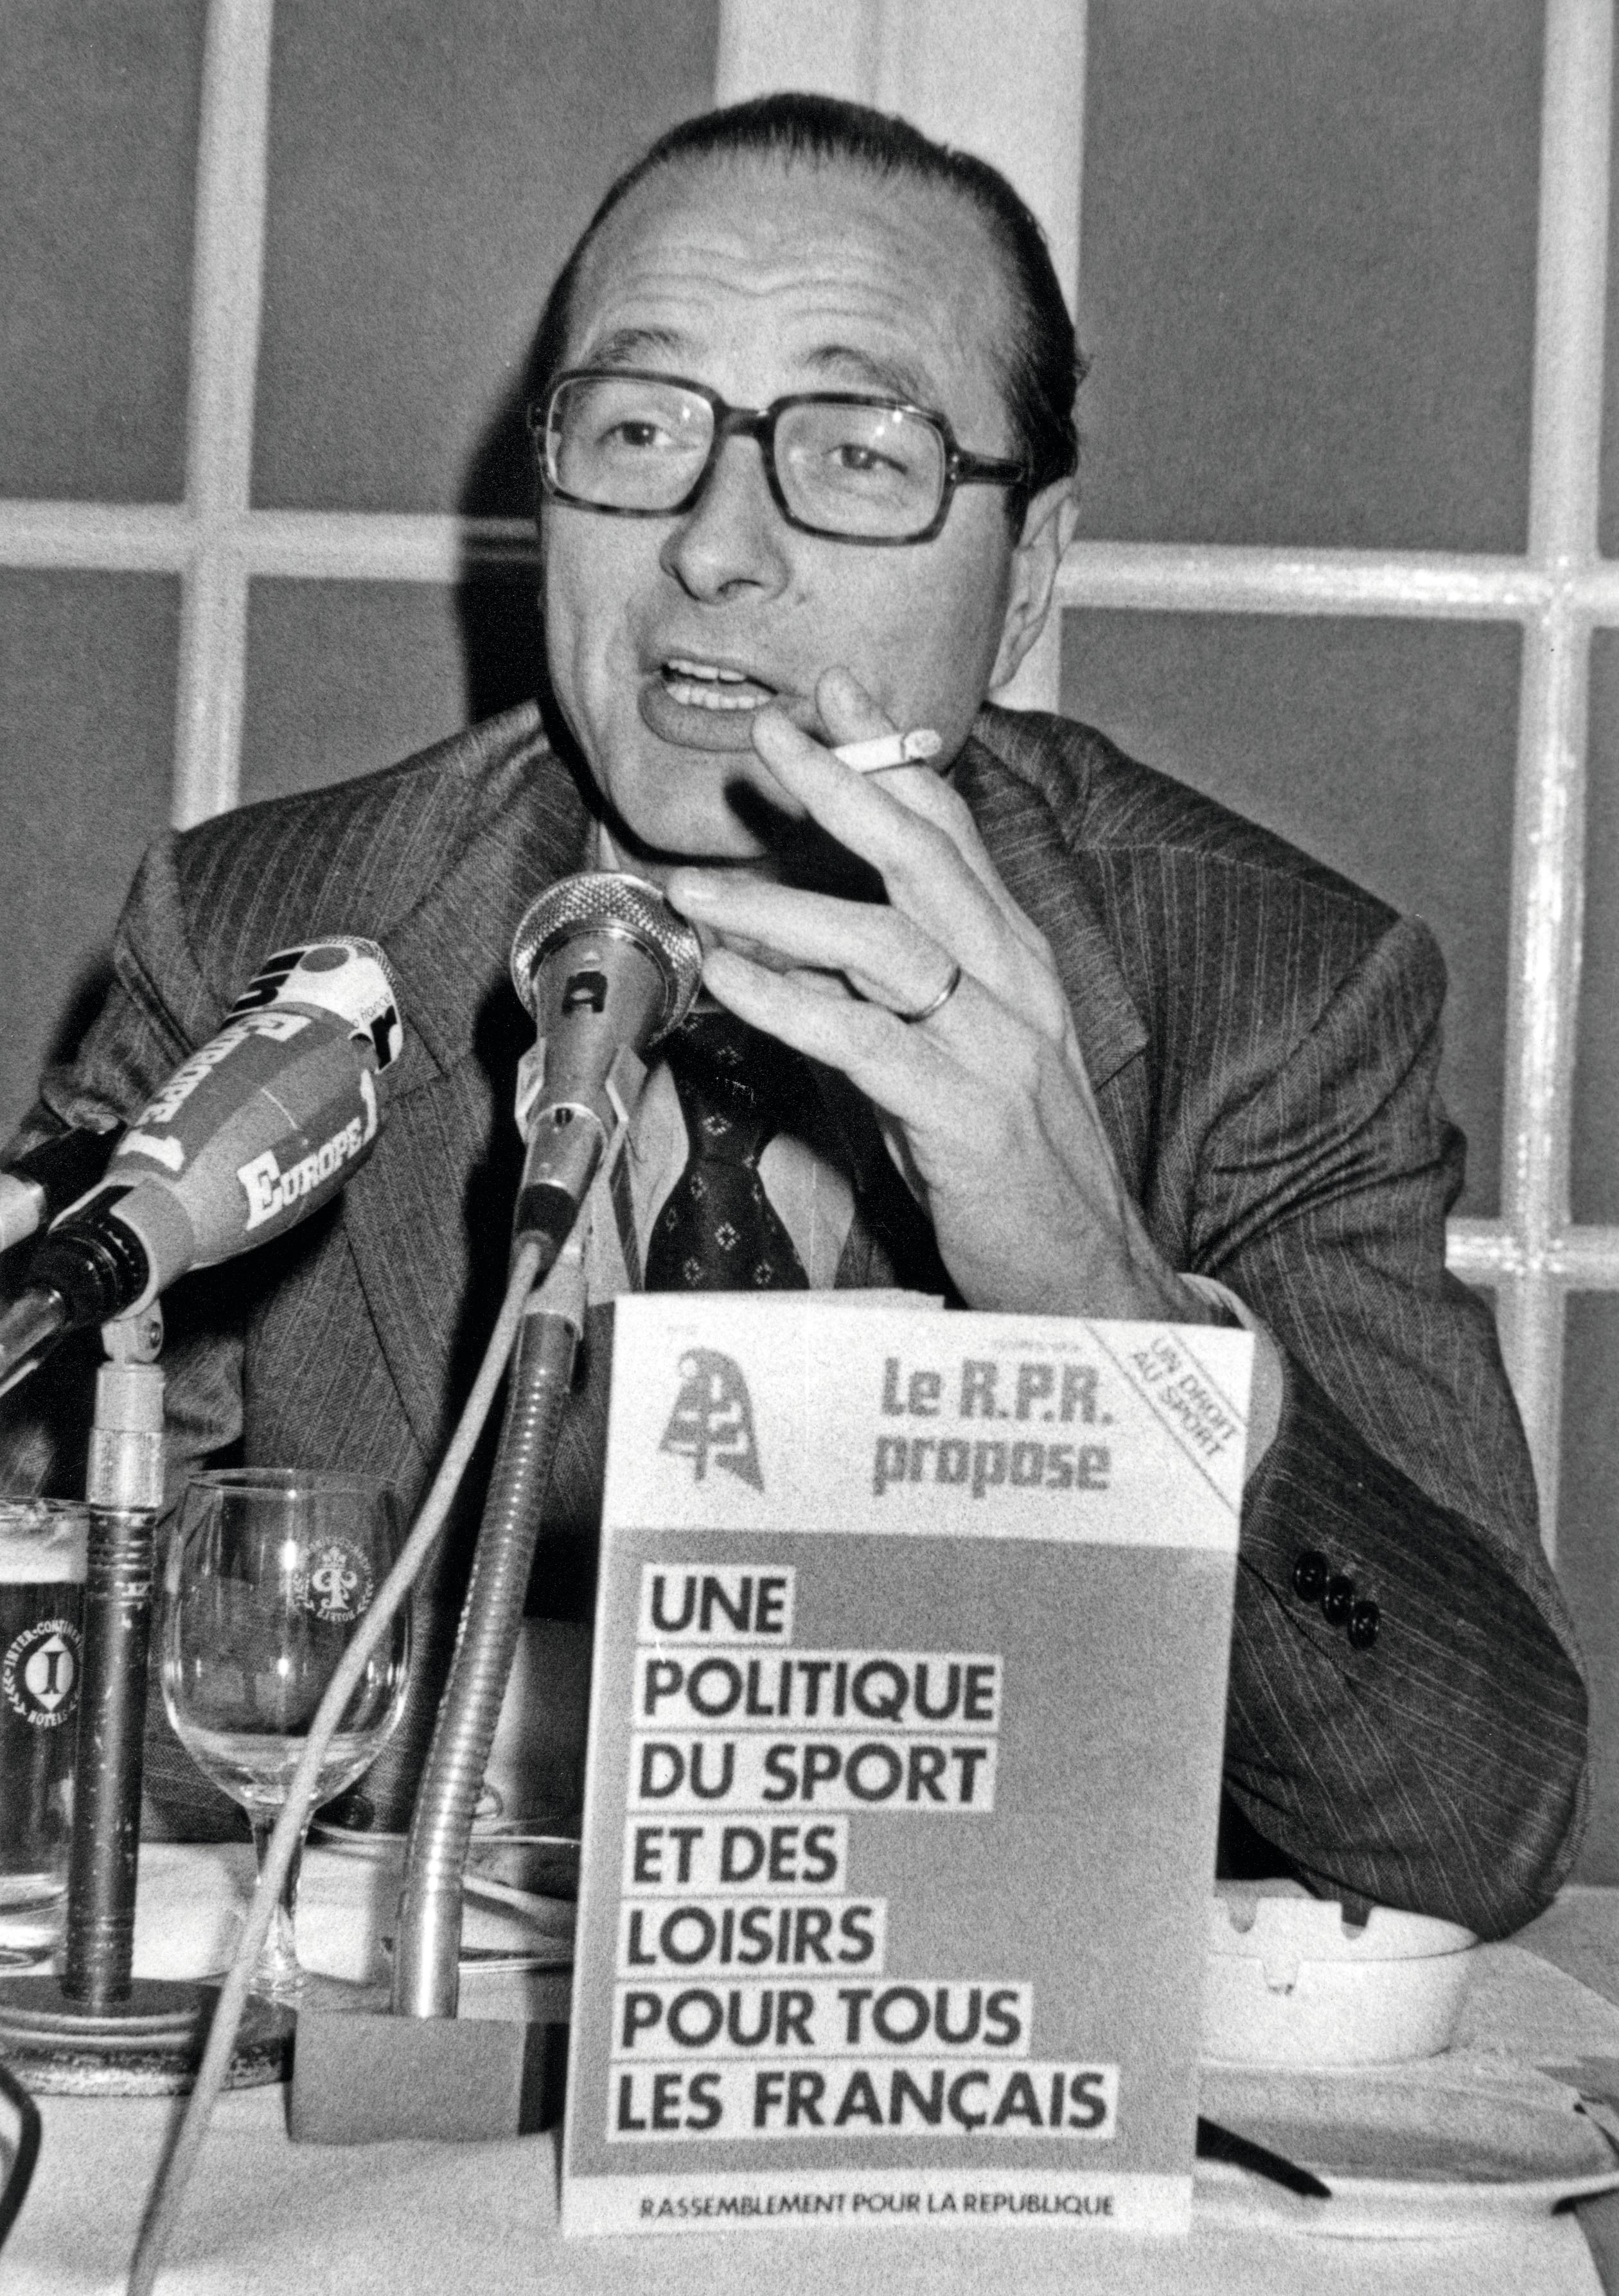 Jacques Chirac présente une brochure sur le sport en février 1978